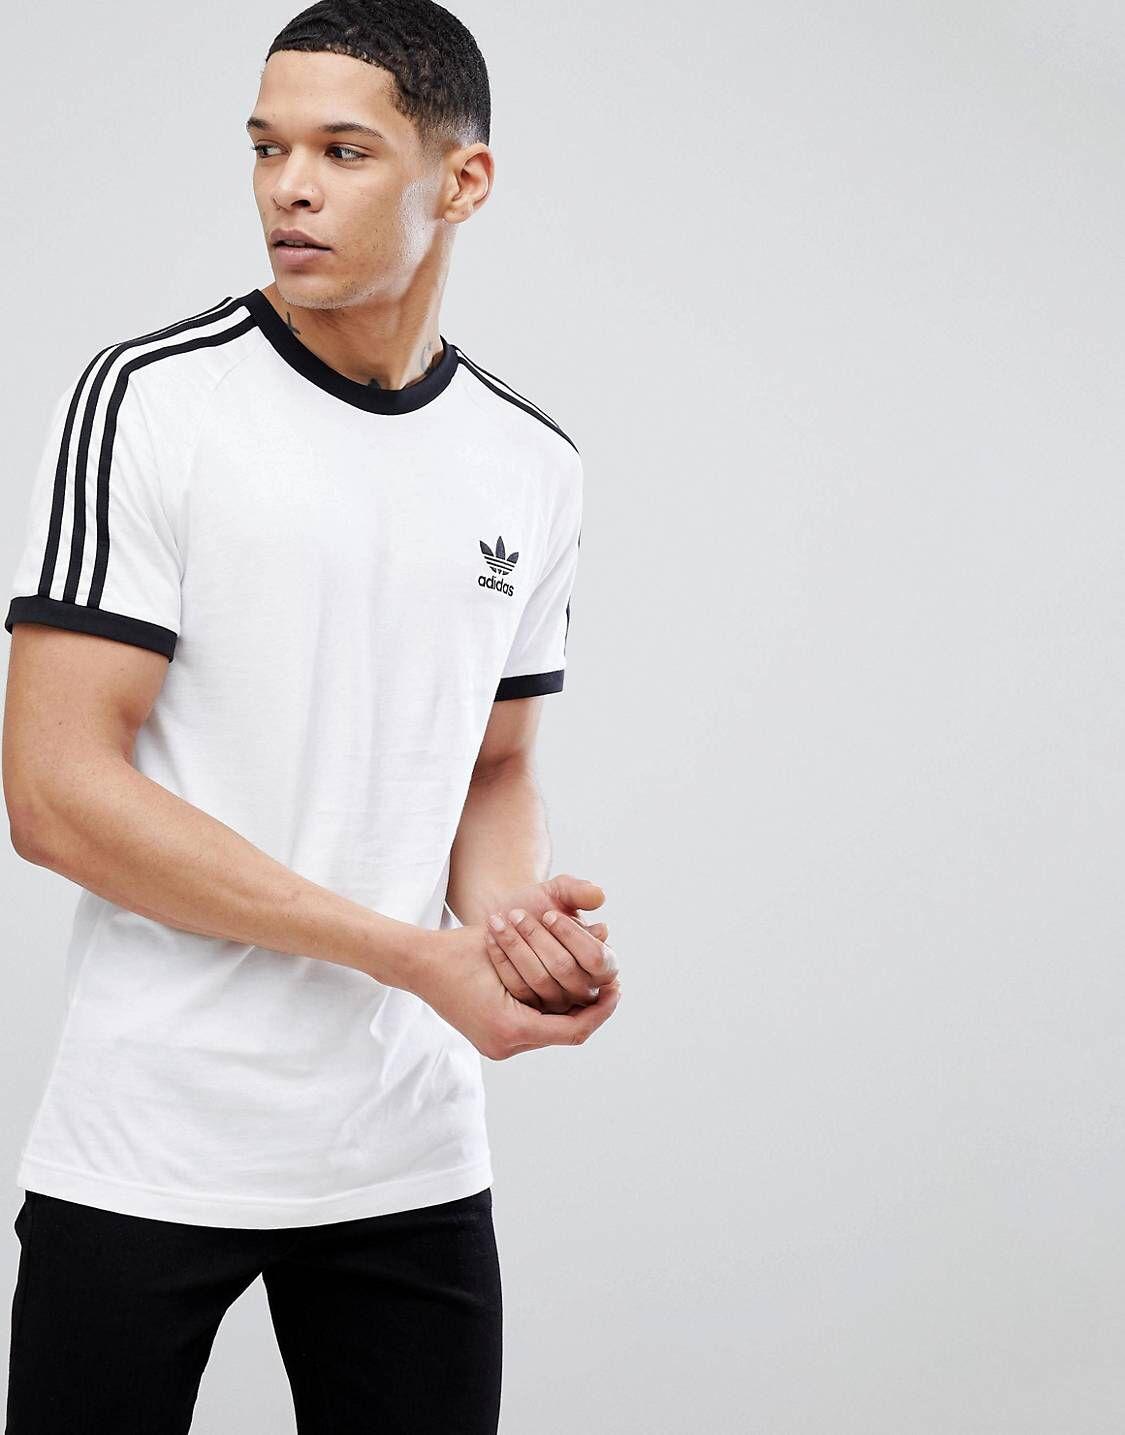 In 2019 White Shirt California Adicolor Cw1203 Adidas T Originals uJTl3FKc1